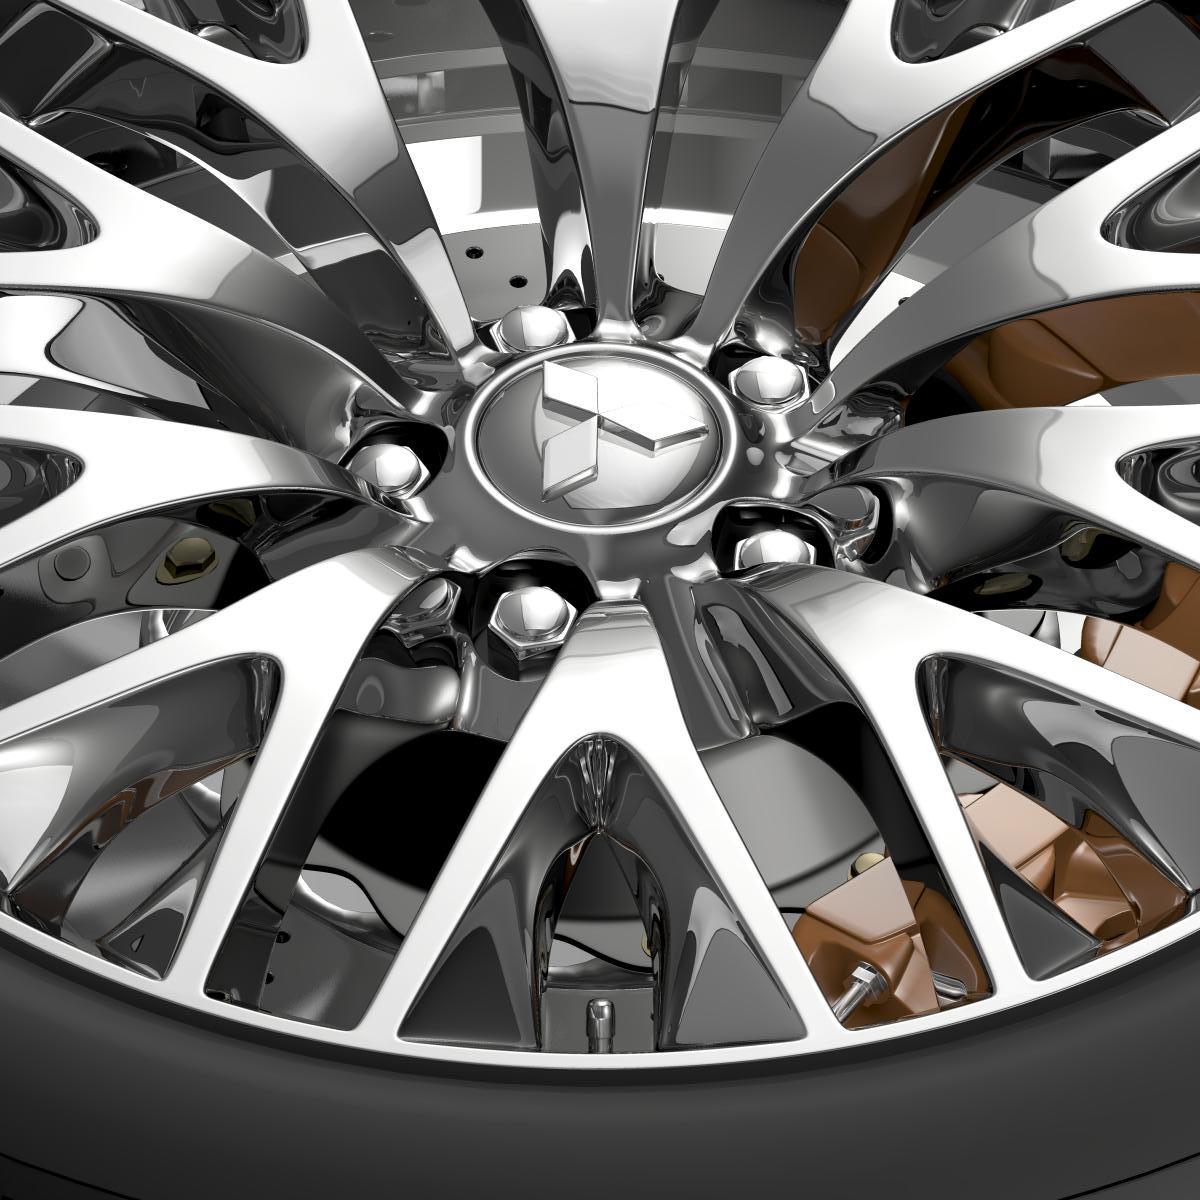 mitsubishi dignity wheel 3d model 3ds max fbx c4d lwo ma mb hrc xsi obj 210801